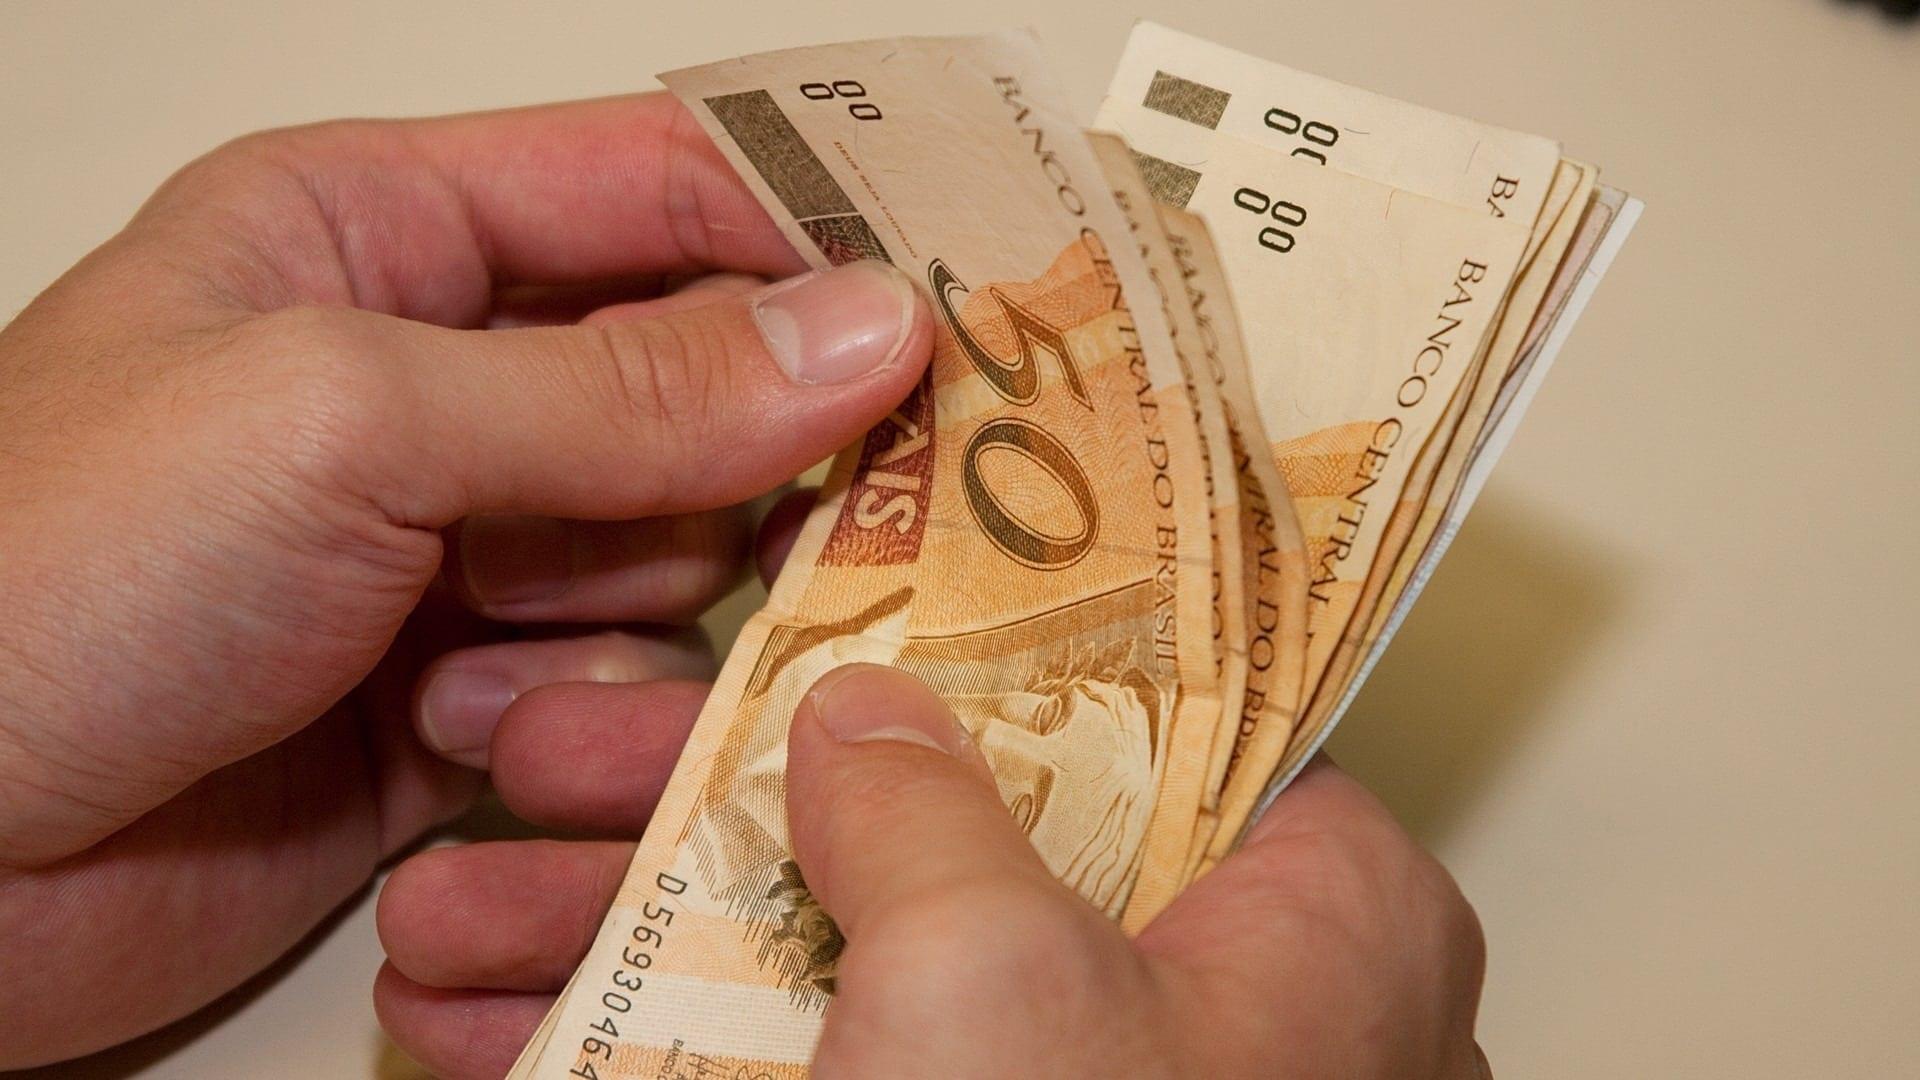 maneiras 2 ganhar dinheiro rápido